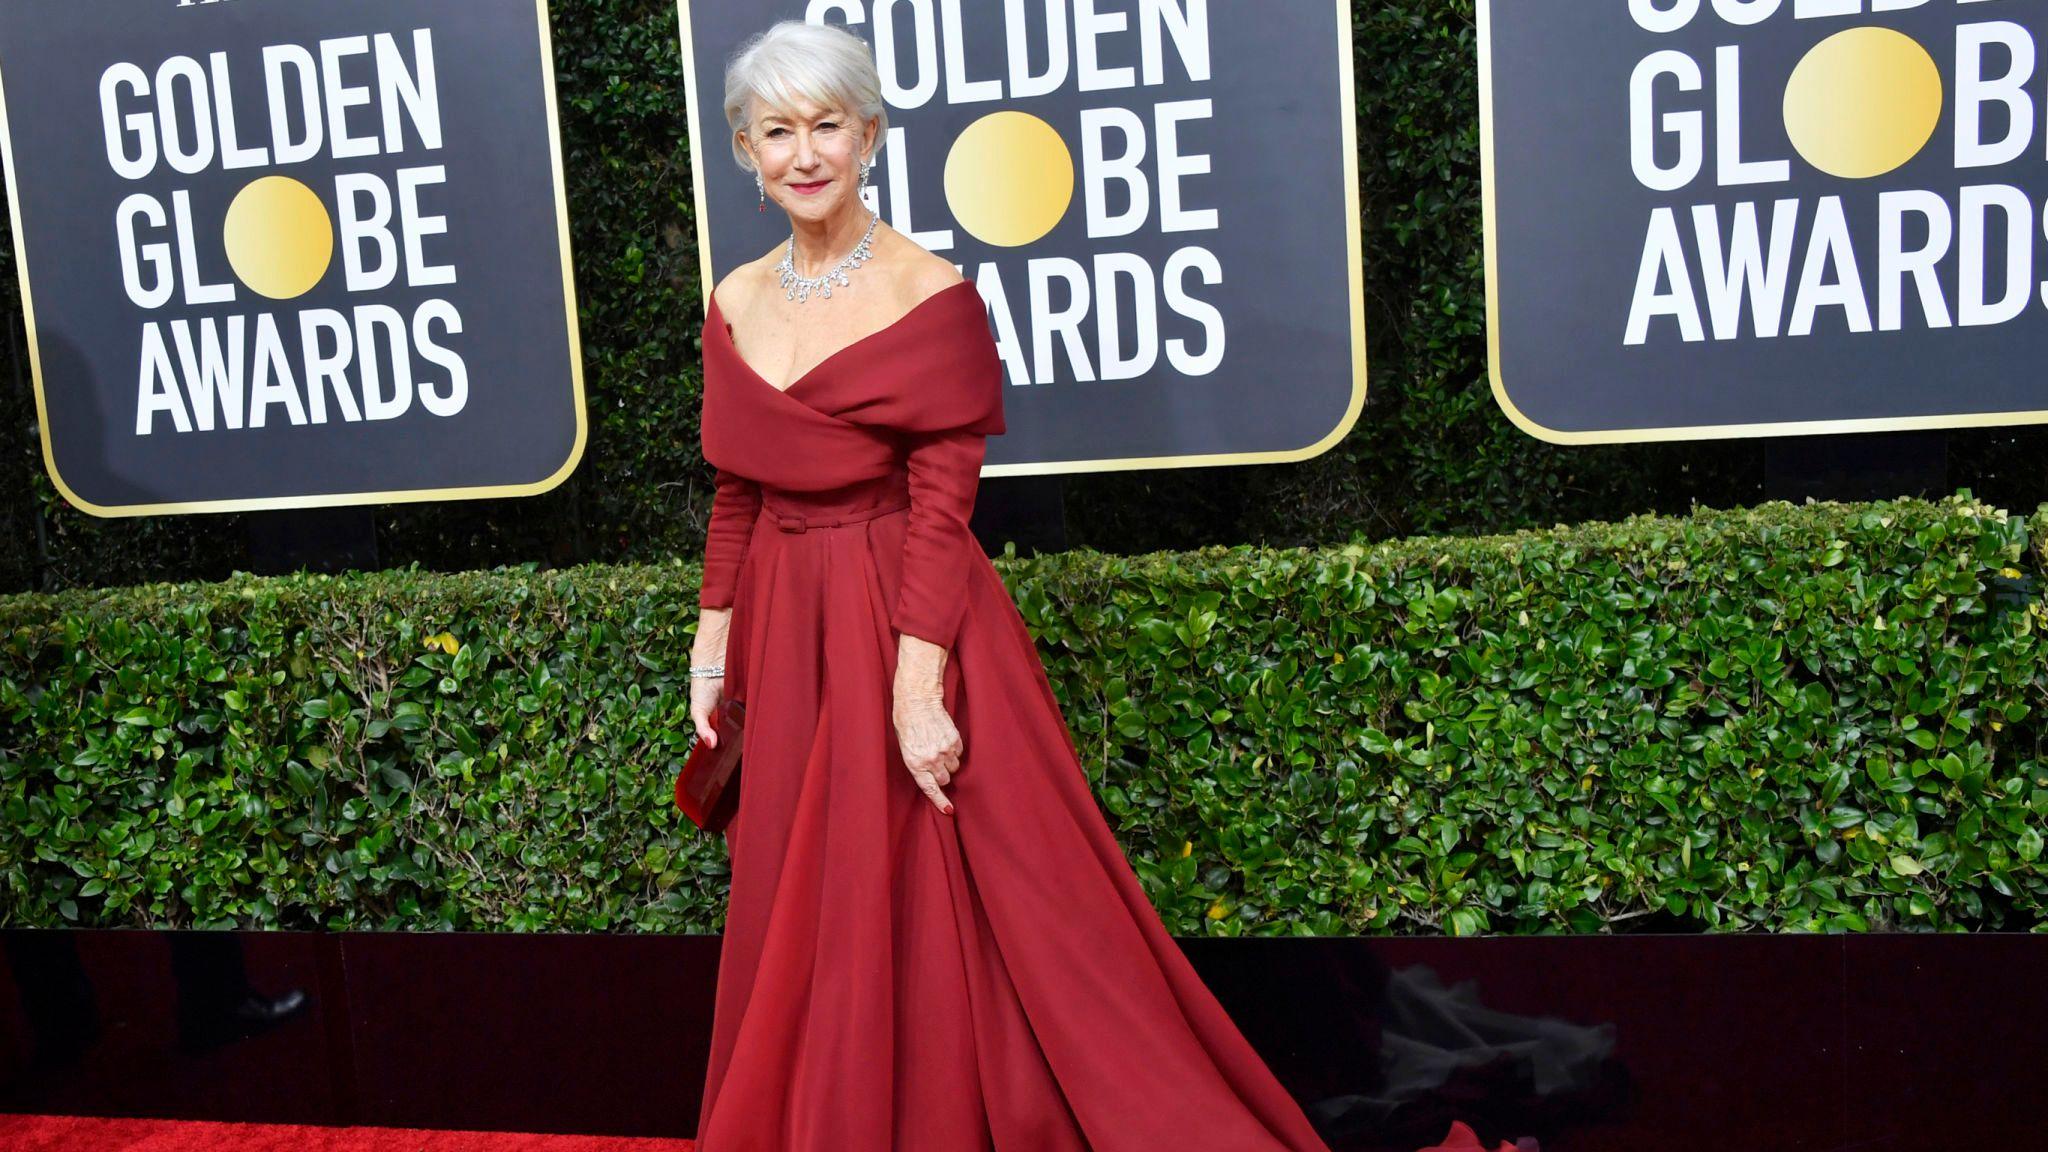 Helen Mirren at the Golden Globes 2020